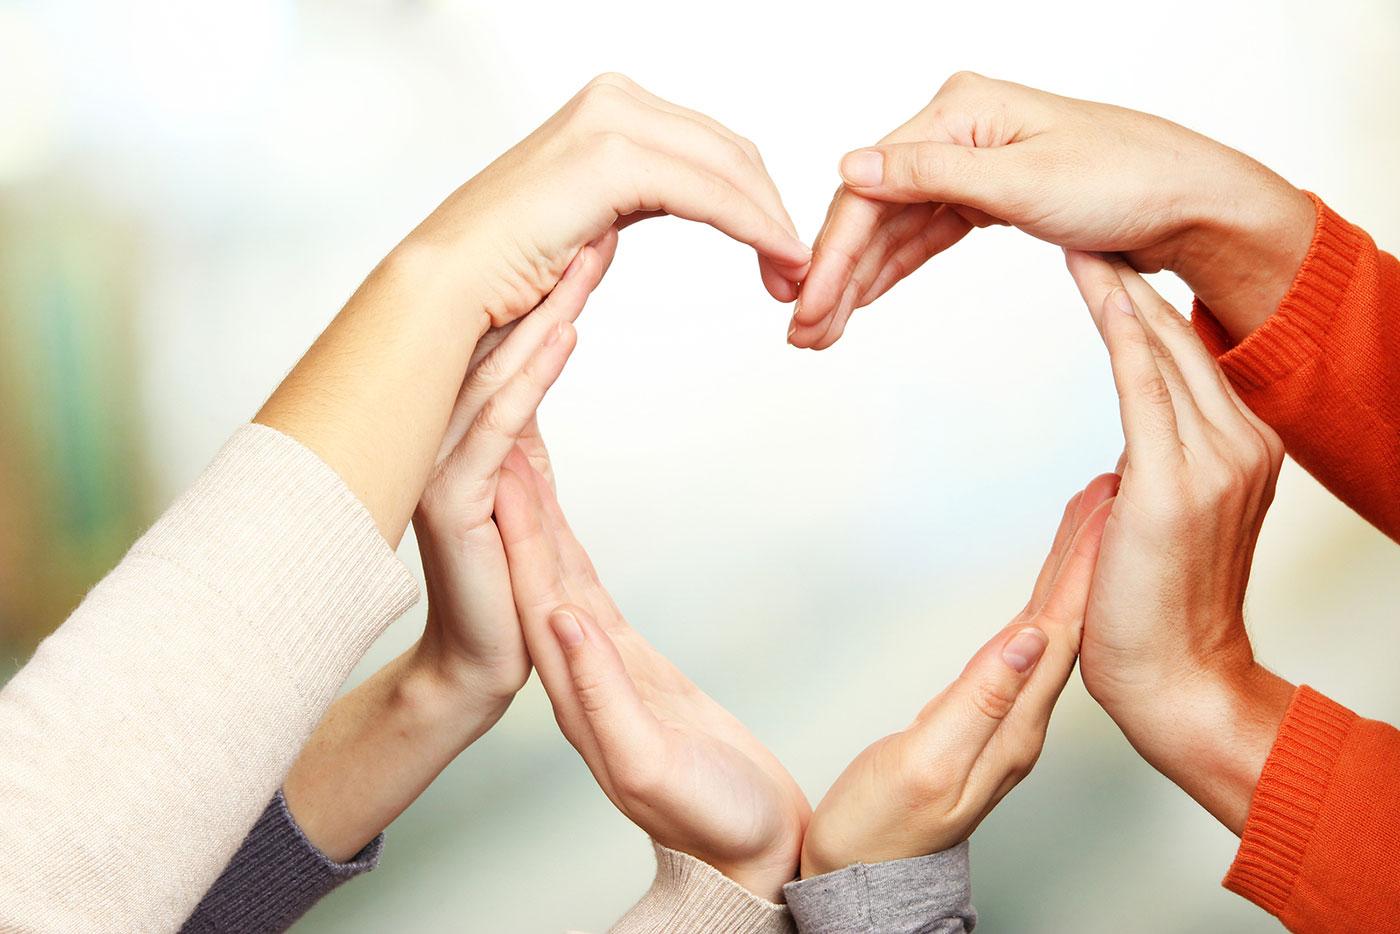 bigstock-Human-hands-in-heart-shape-on--54824582